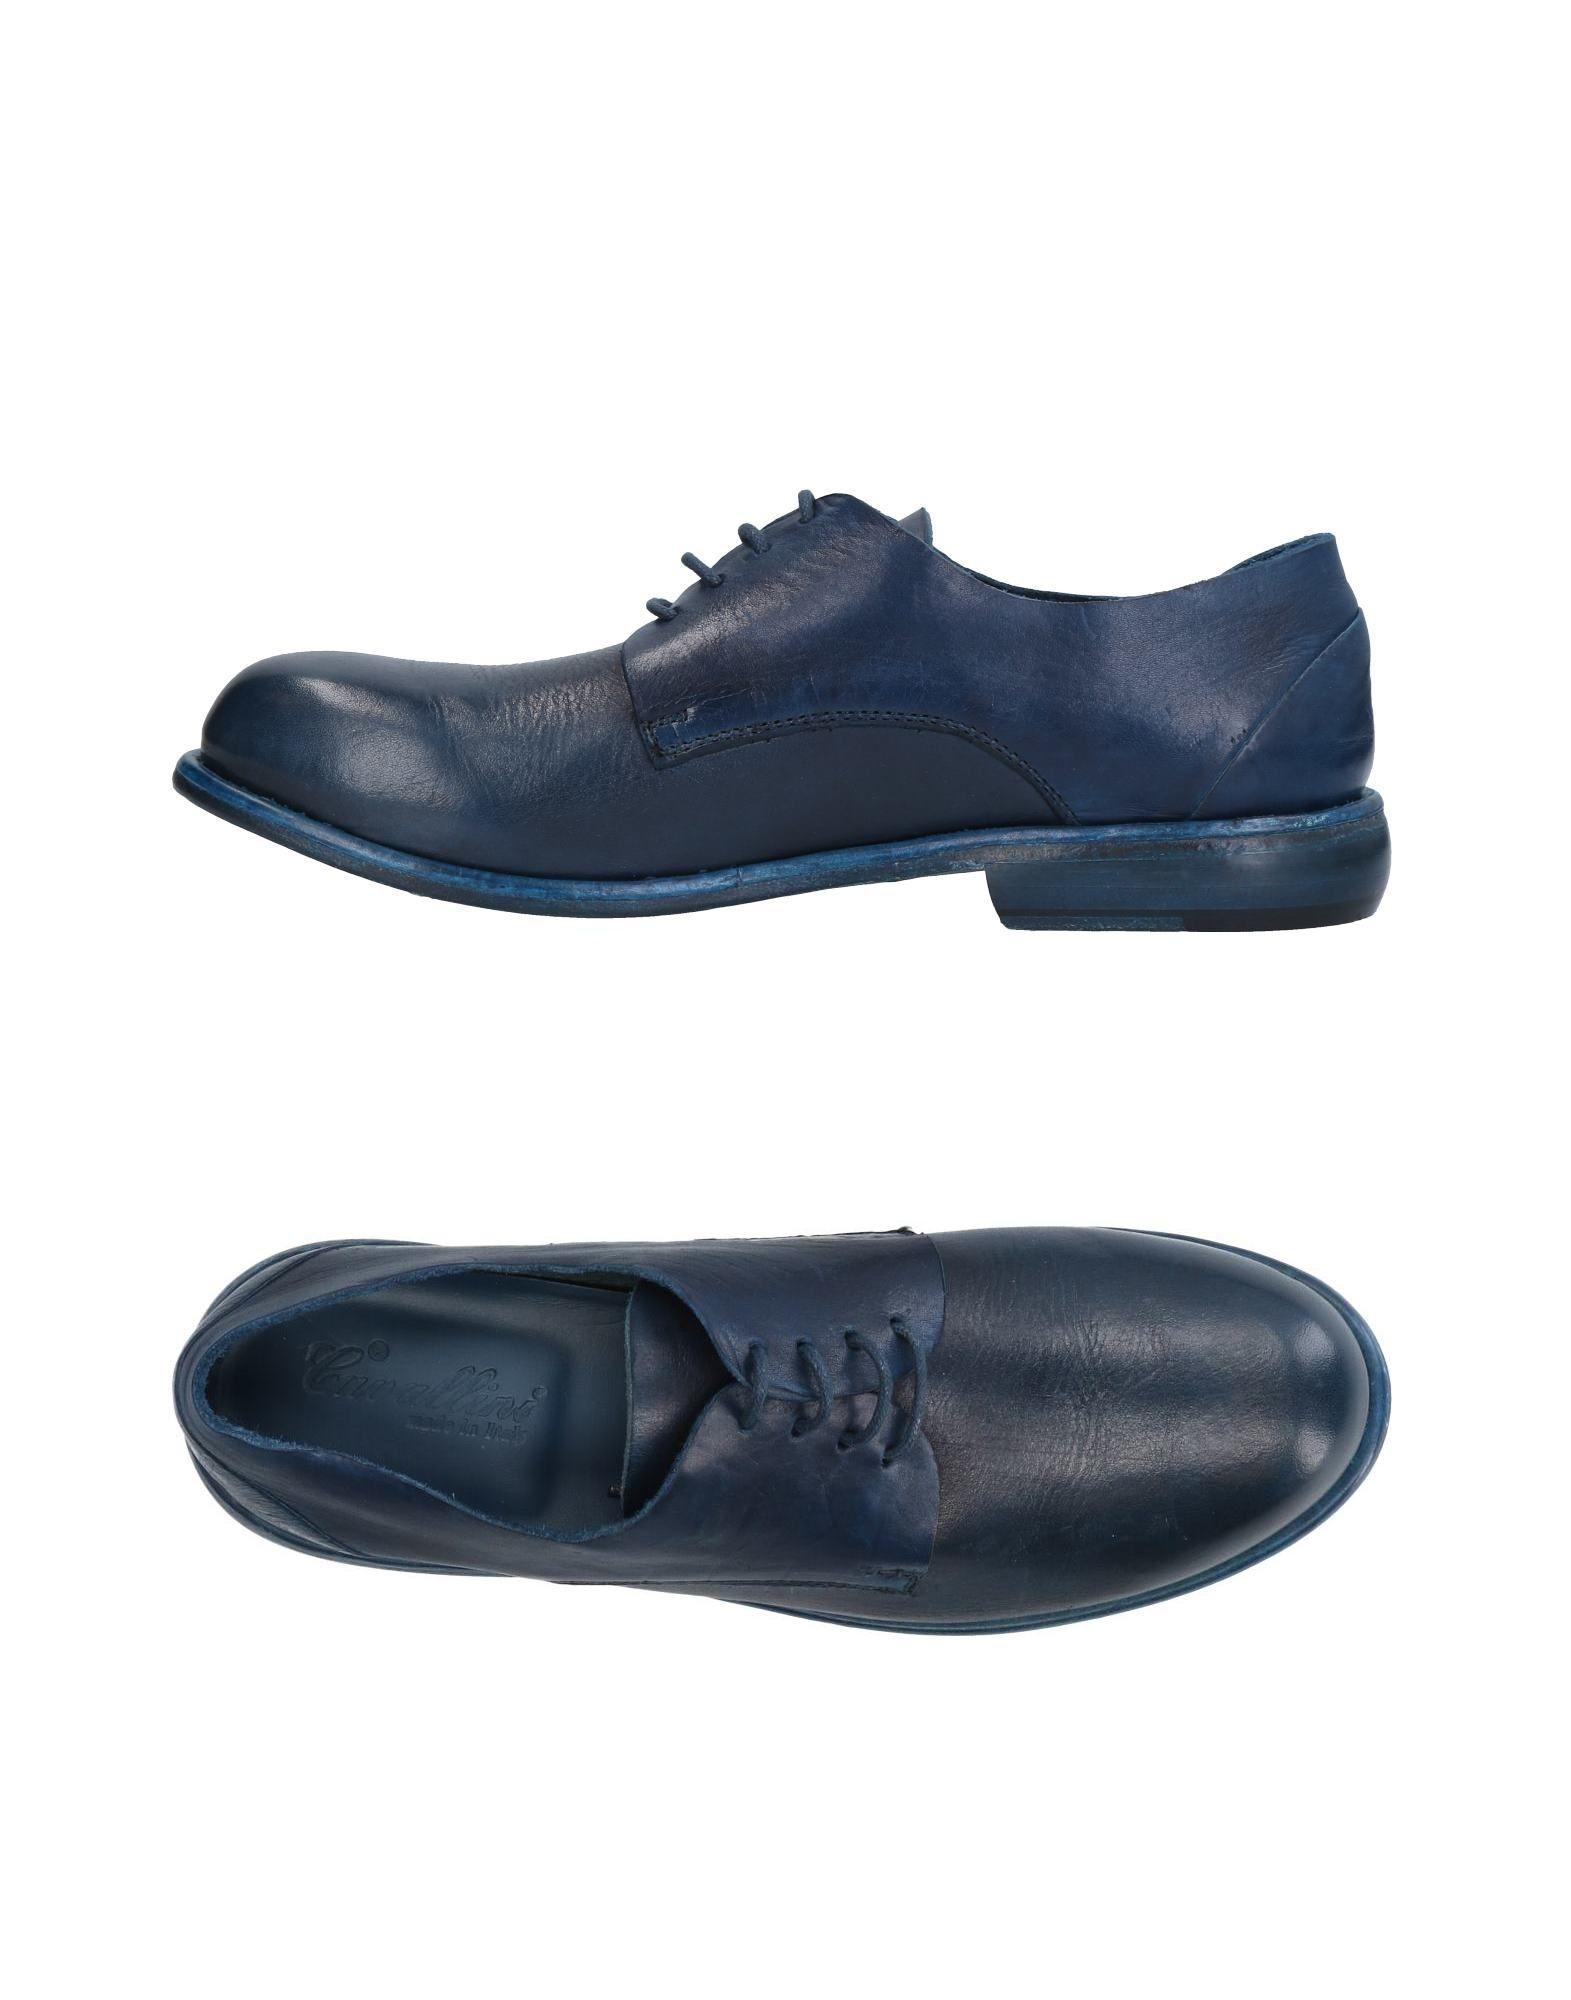 Rabatt echte Schuhe Cavallini Schnürschuhe Herren  11439001JB